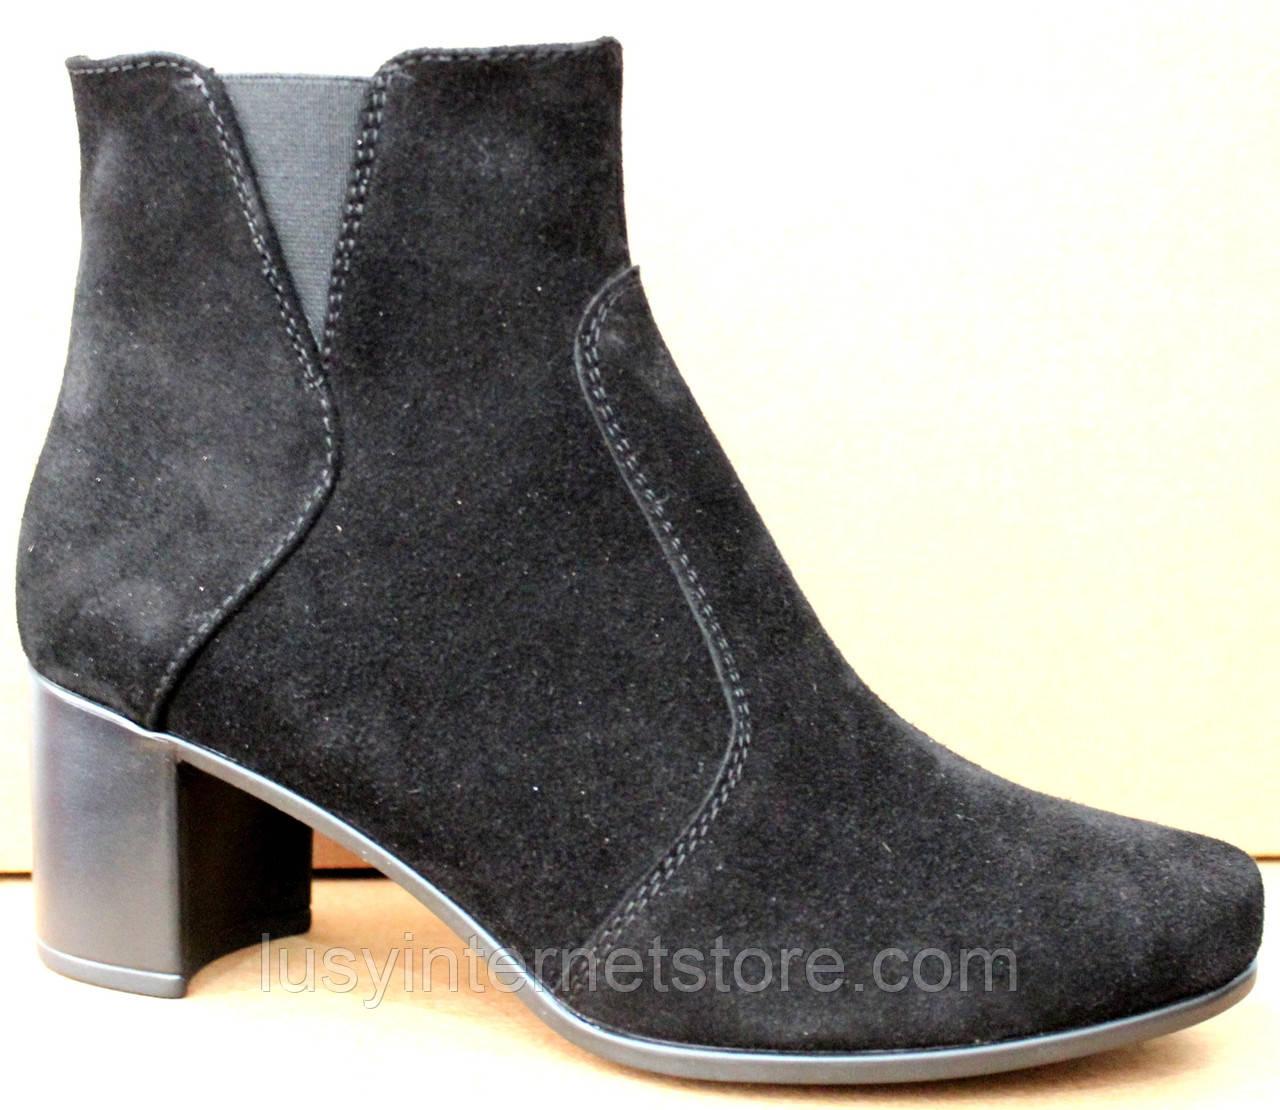 Черевики жіночі чорні замшеві туфлі на підборах від виробника модель ШБ14Д-1